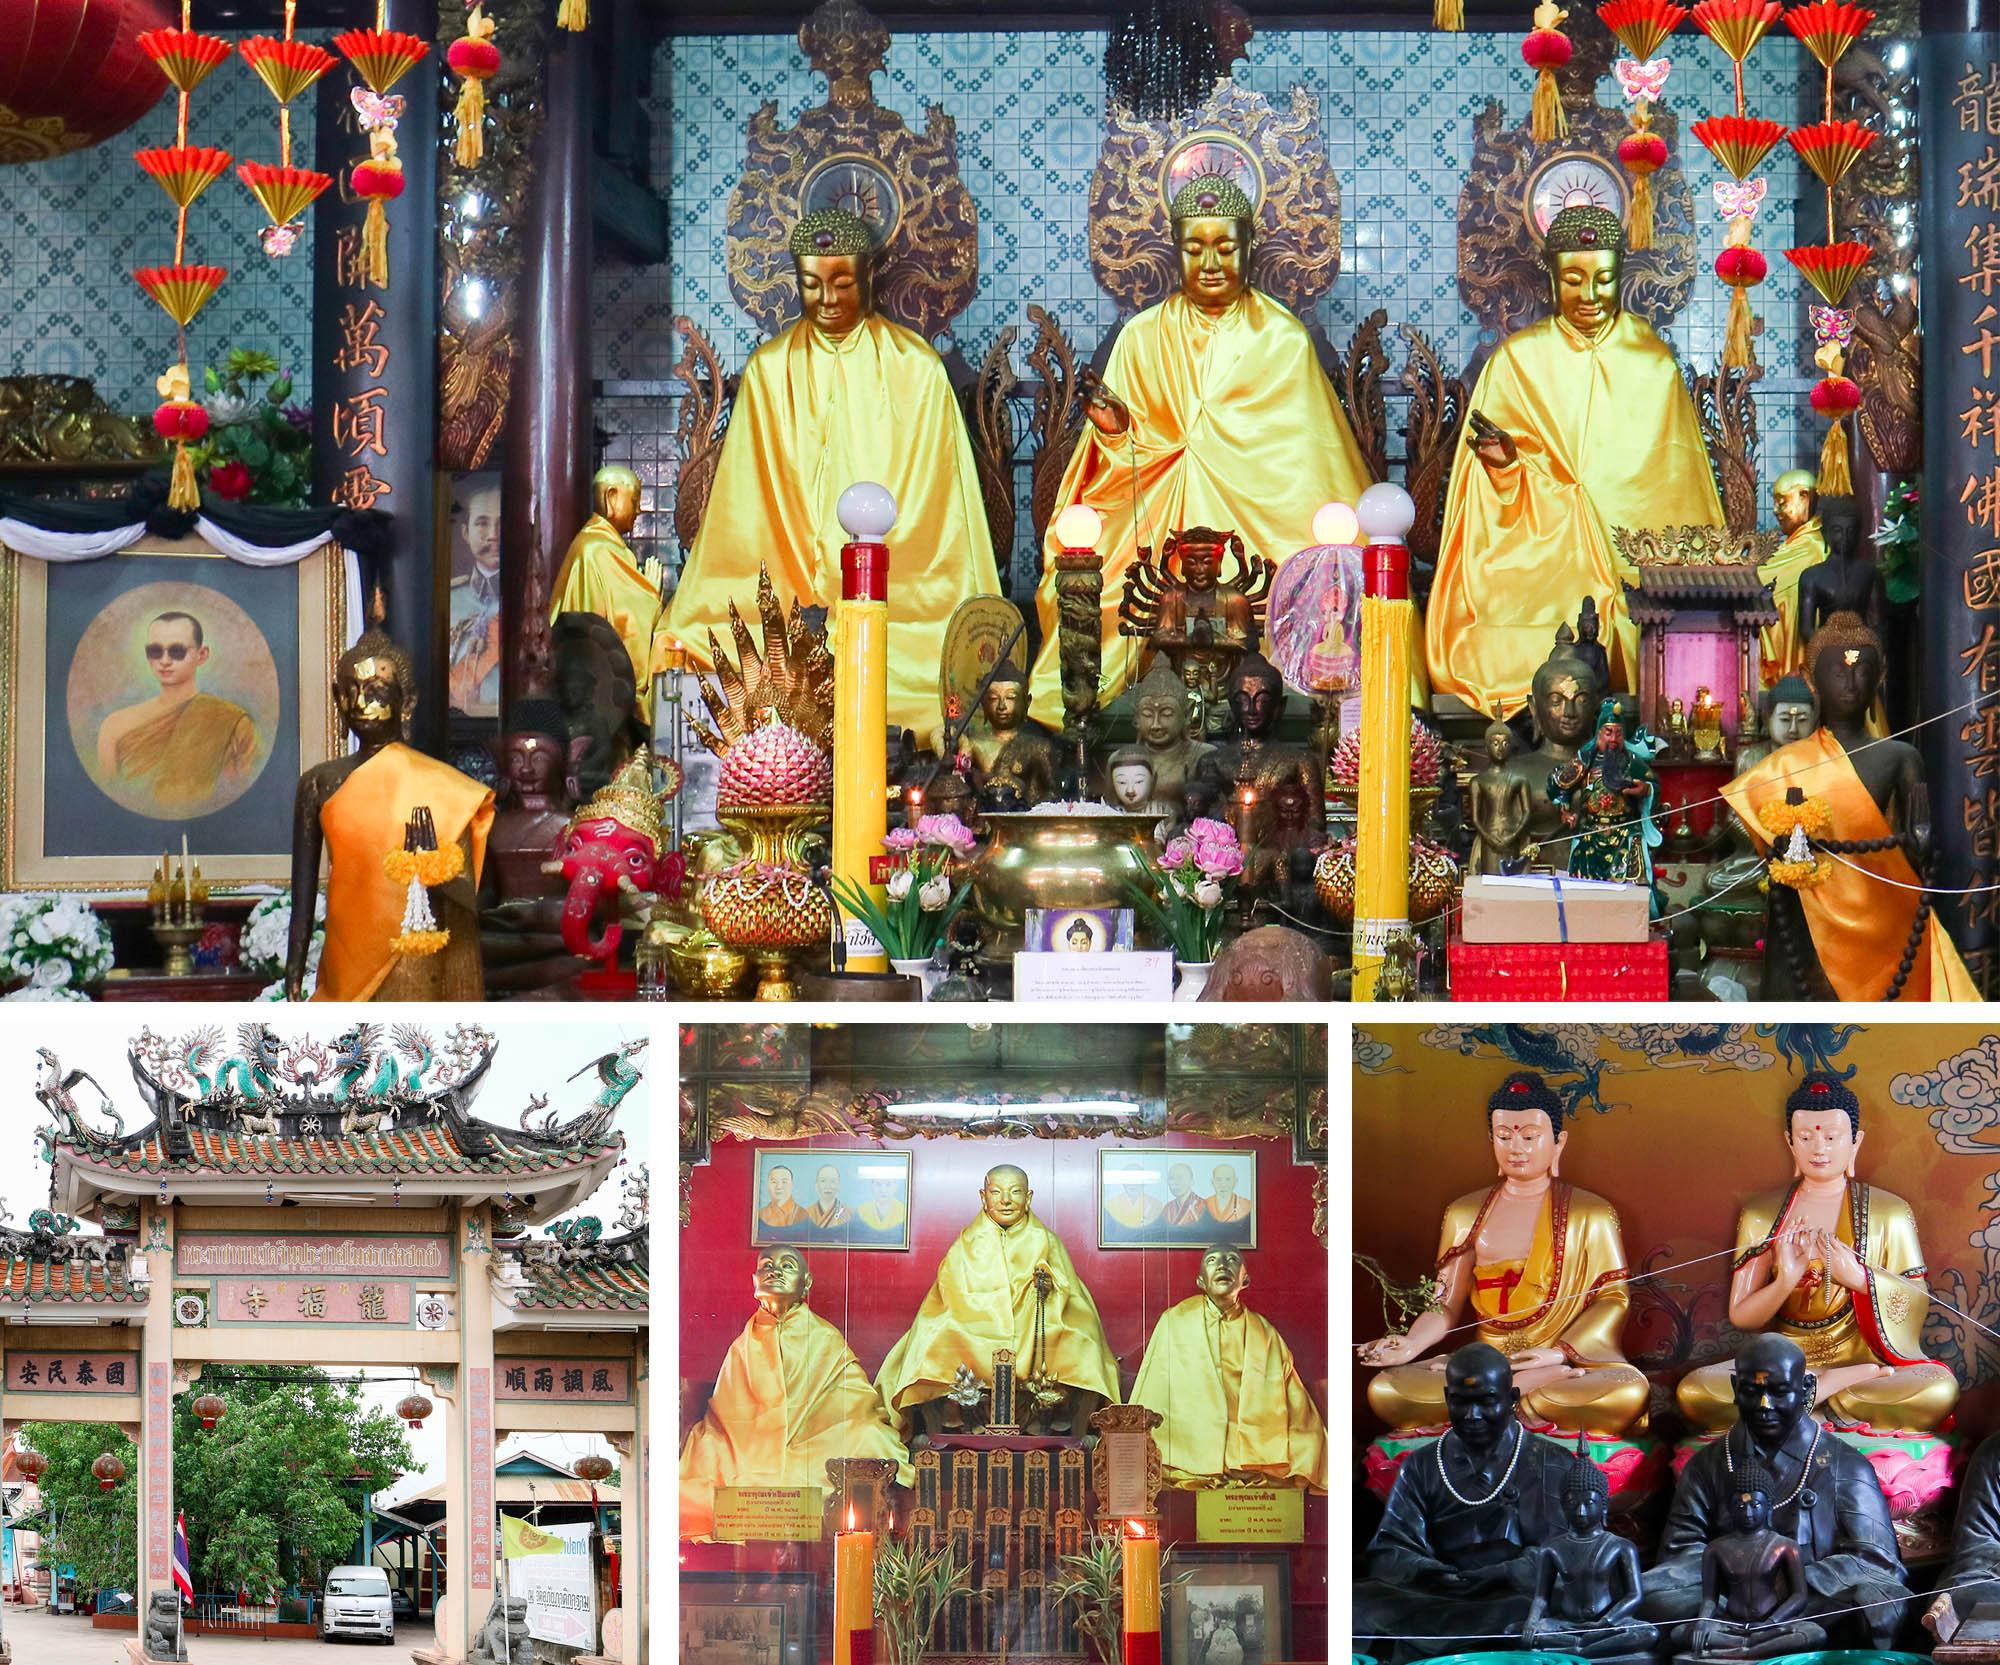 วัดเล่งฮกยี่ วัดจีนประชาสโมสร  วันเดียวเที่ยวได้ ไกล้ๆ กรุงเทพฯ ไม่ต้องค้างคืนที่จังหวัดฉะเชิงเทรา